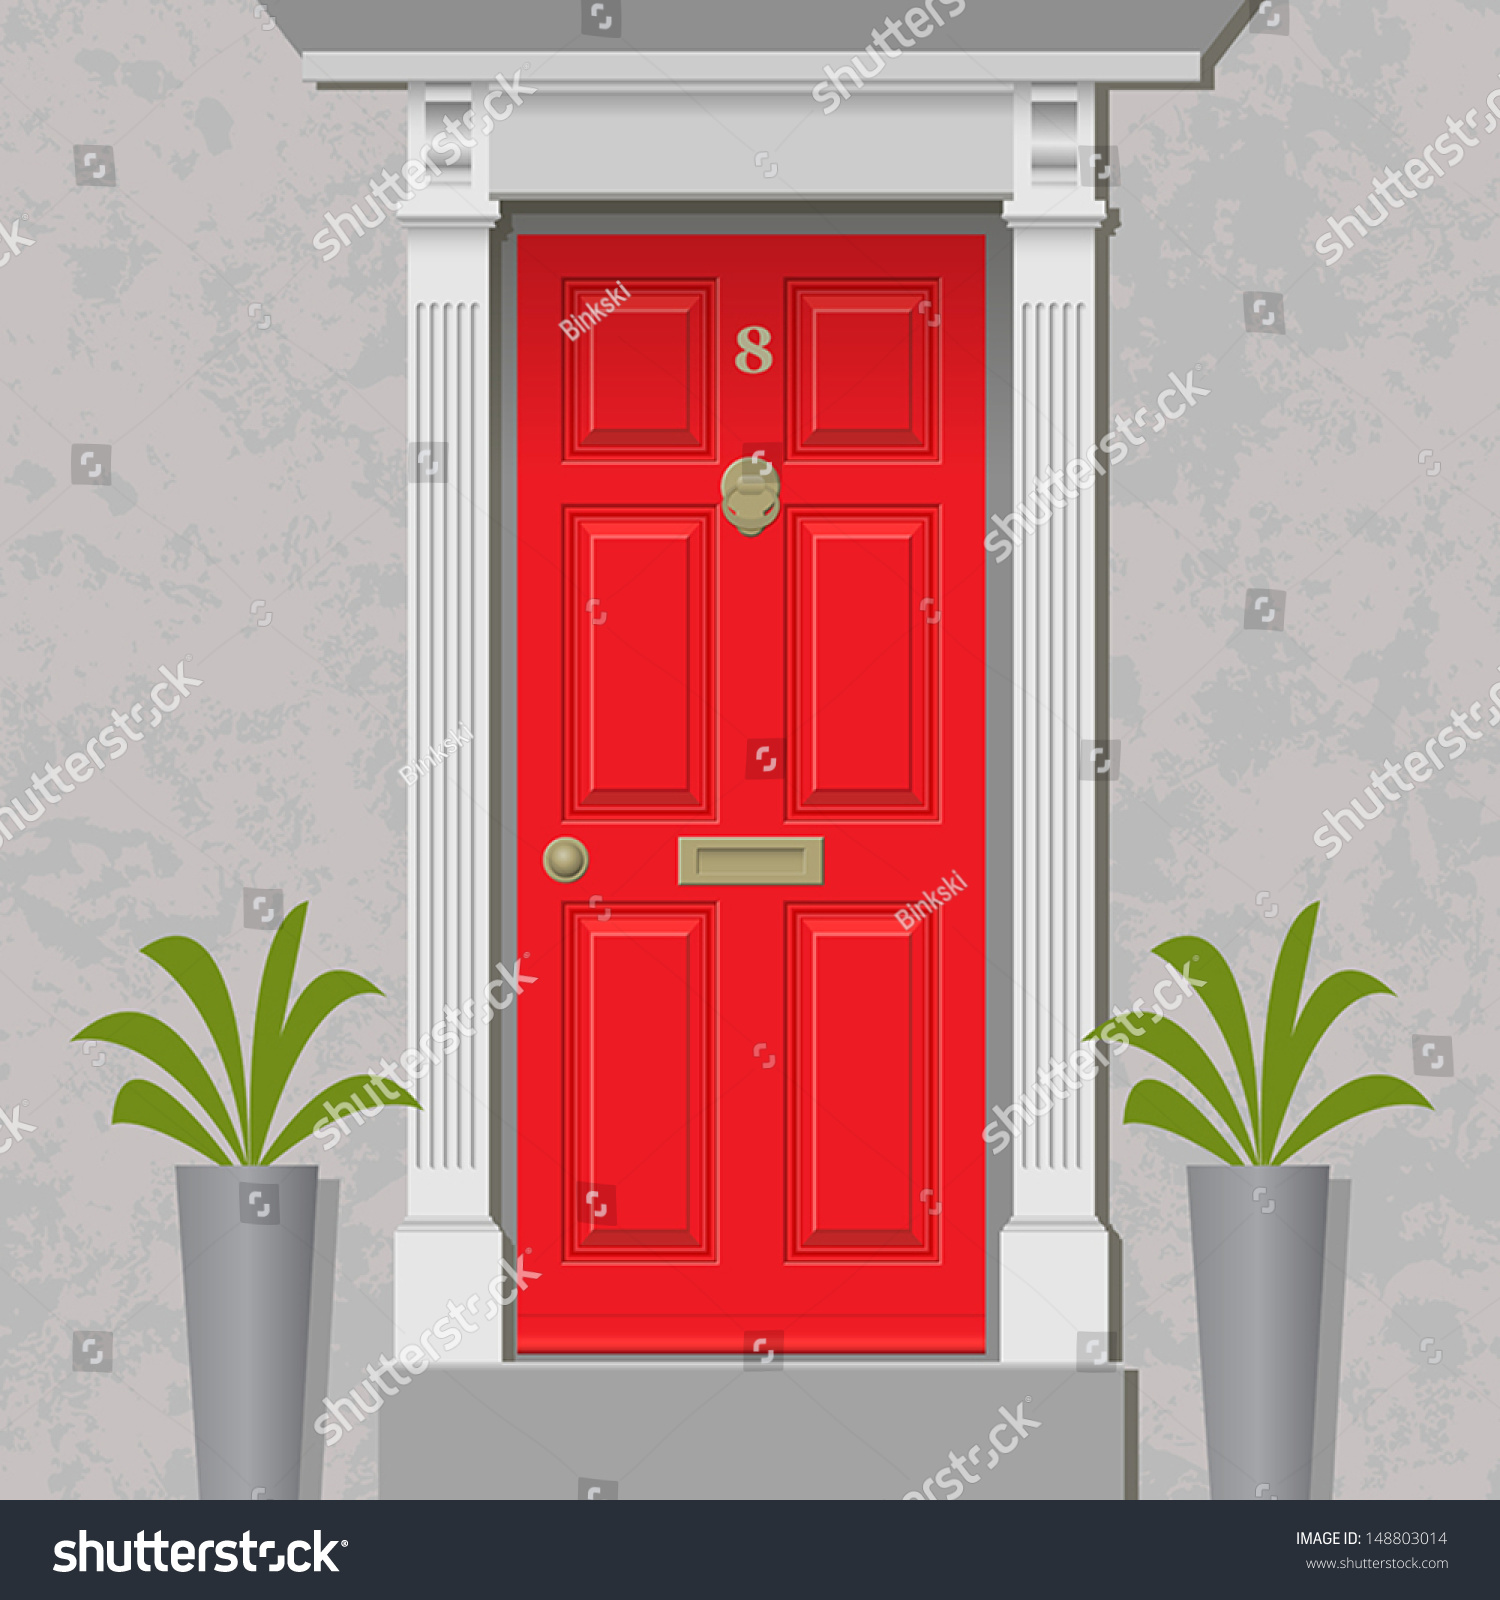 Cartoon classroom door - An Old Style Front Door Red With Brass